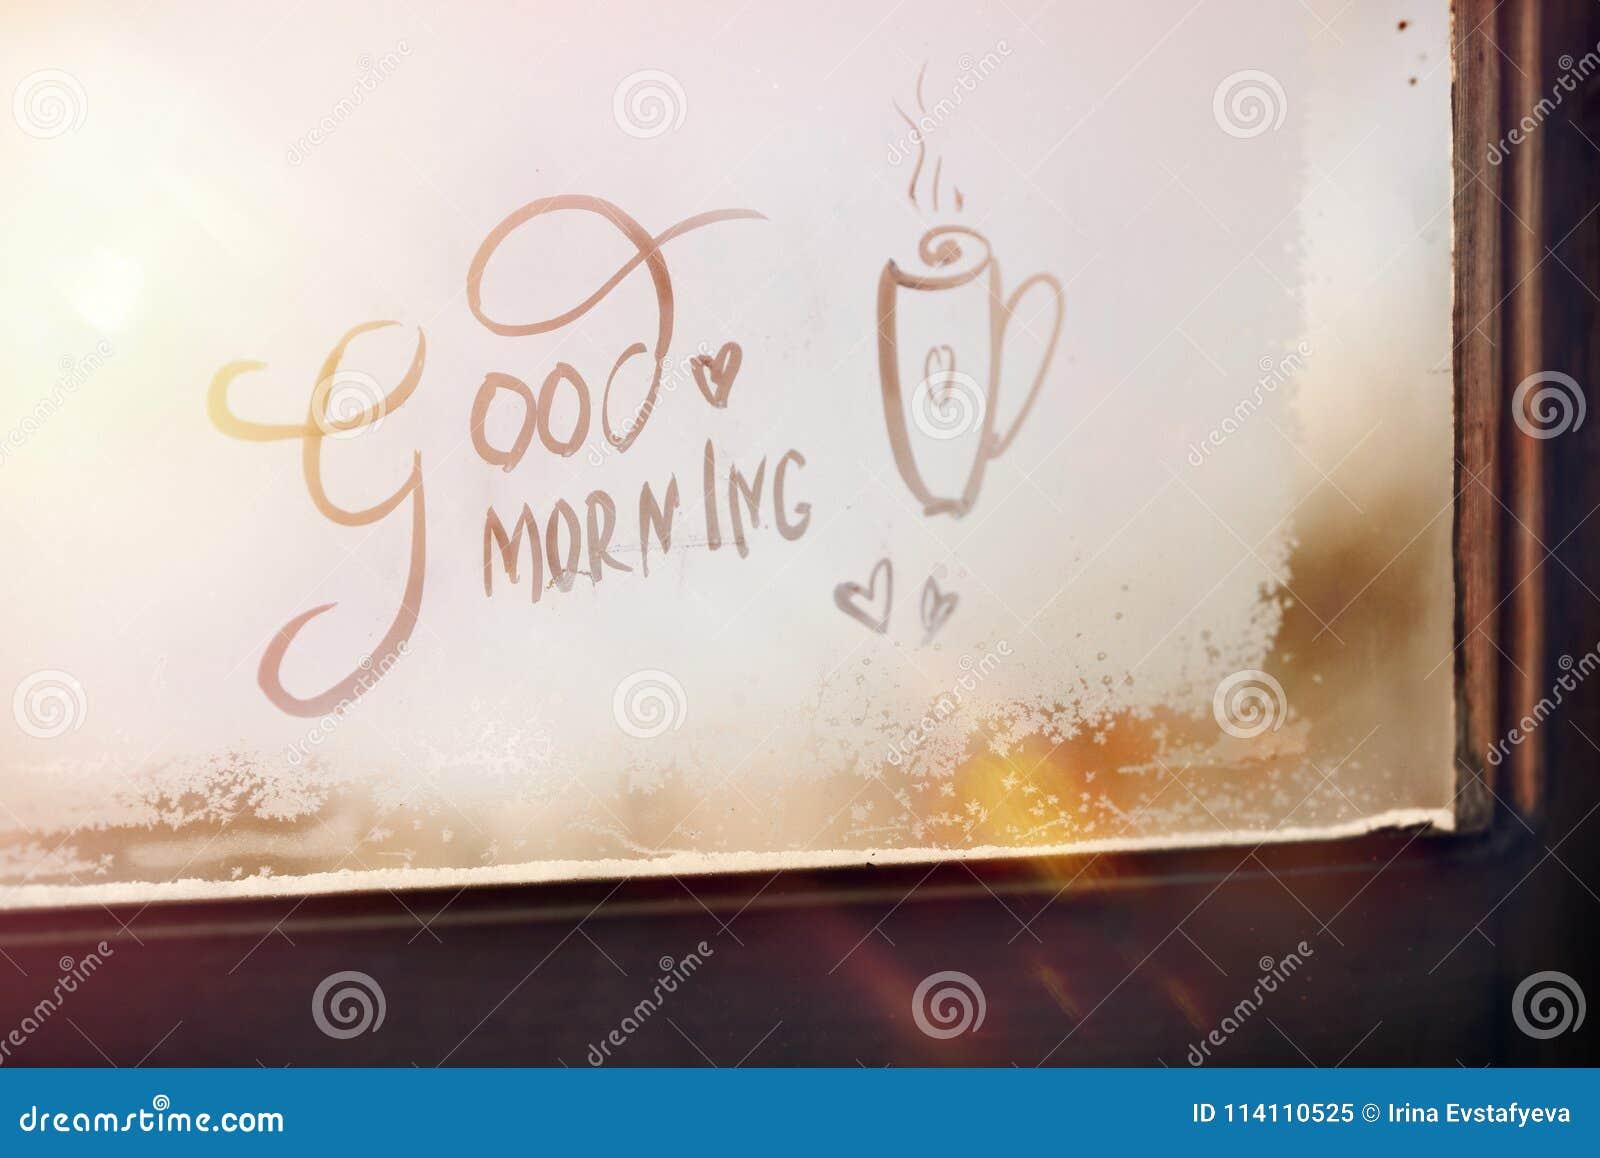 Доброе утро - надпись на морозном окне положительно Солнечность